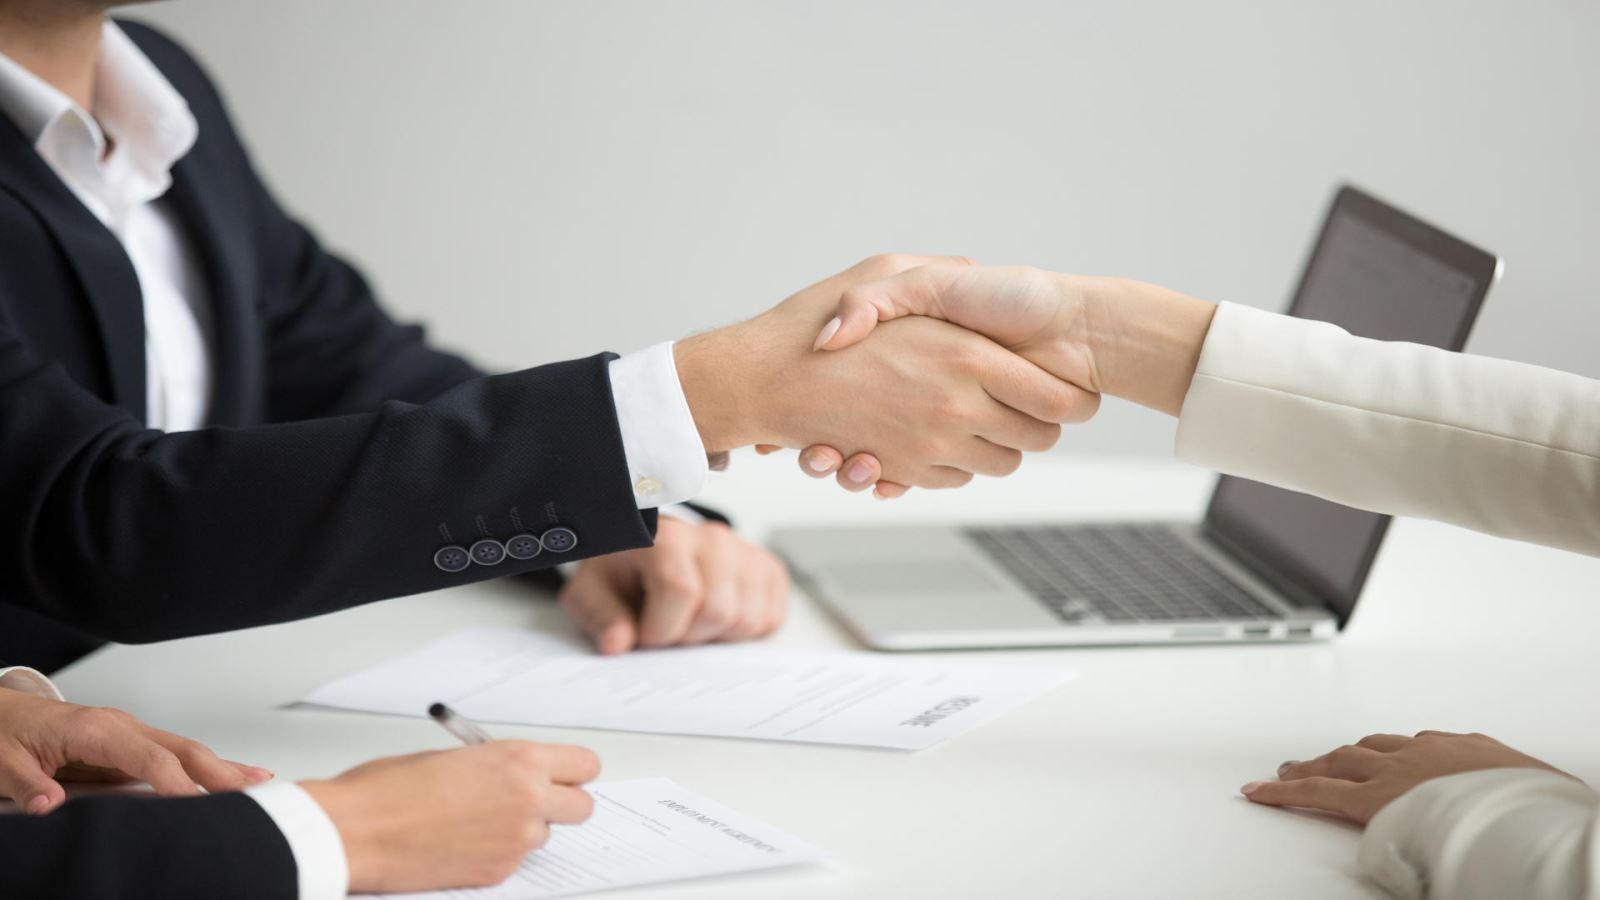 עורך דין המעניק ייצוג מעסיקים בדיני עבודה